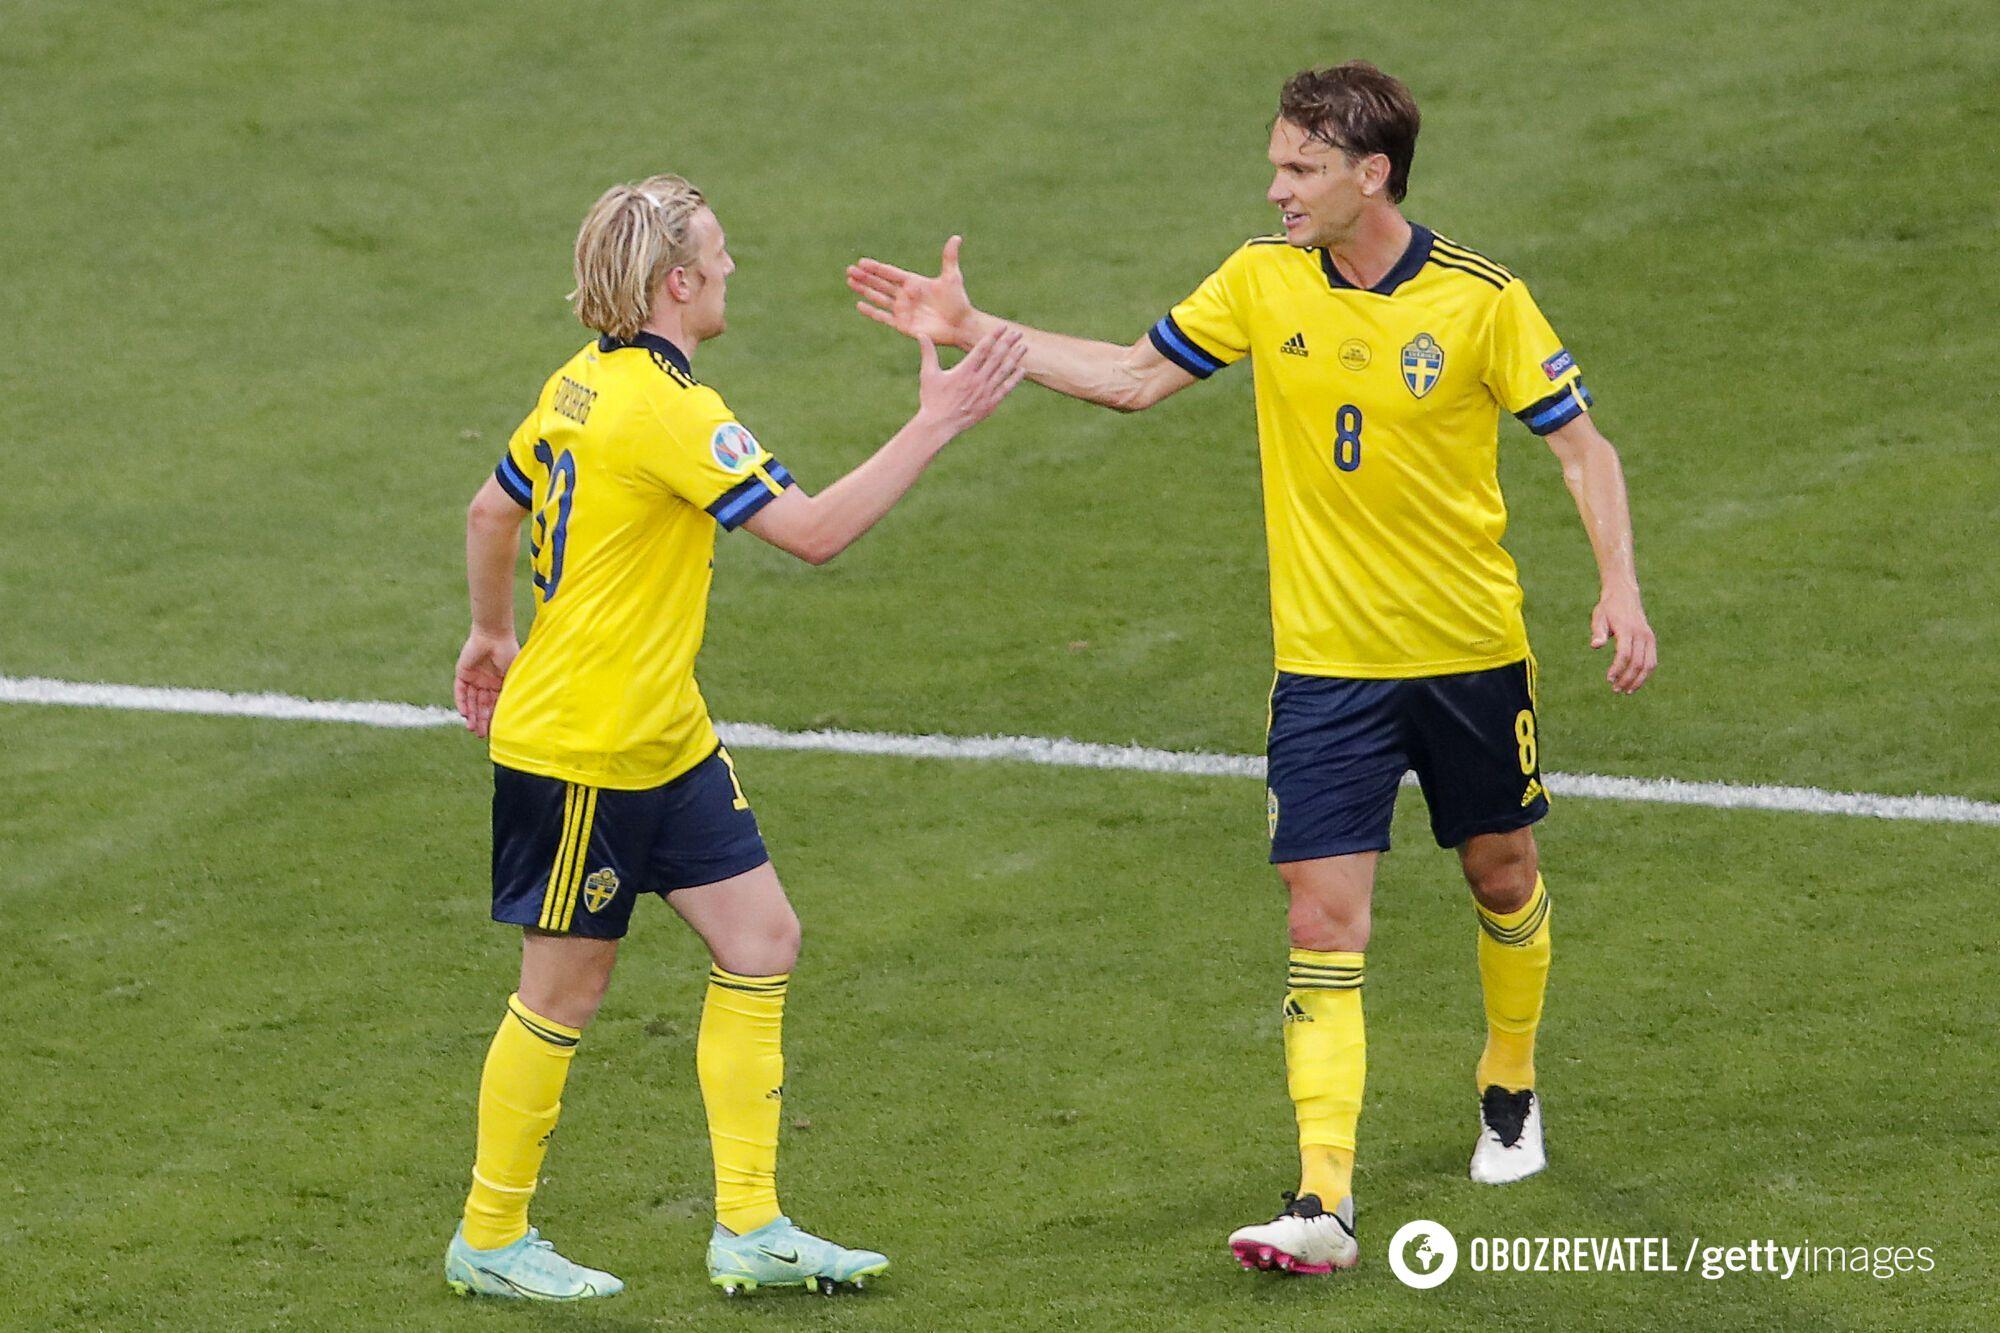 Игроки Швеции Эмиль Форсберг и Албин Экдаль.